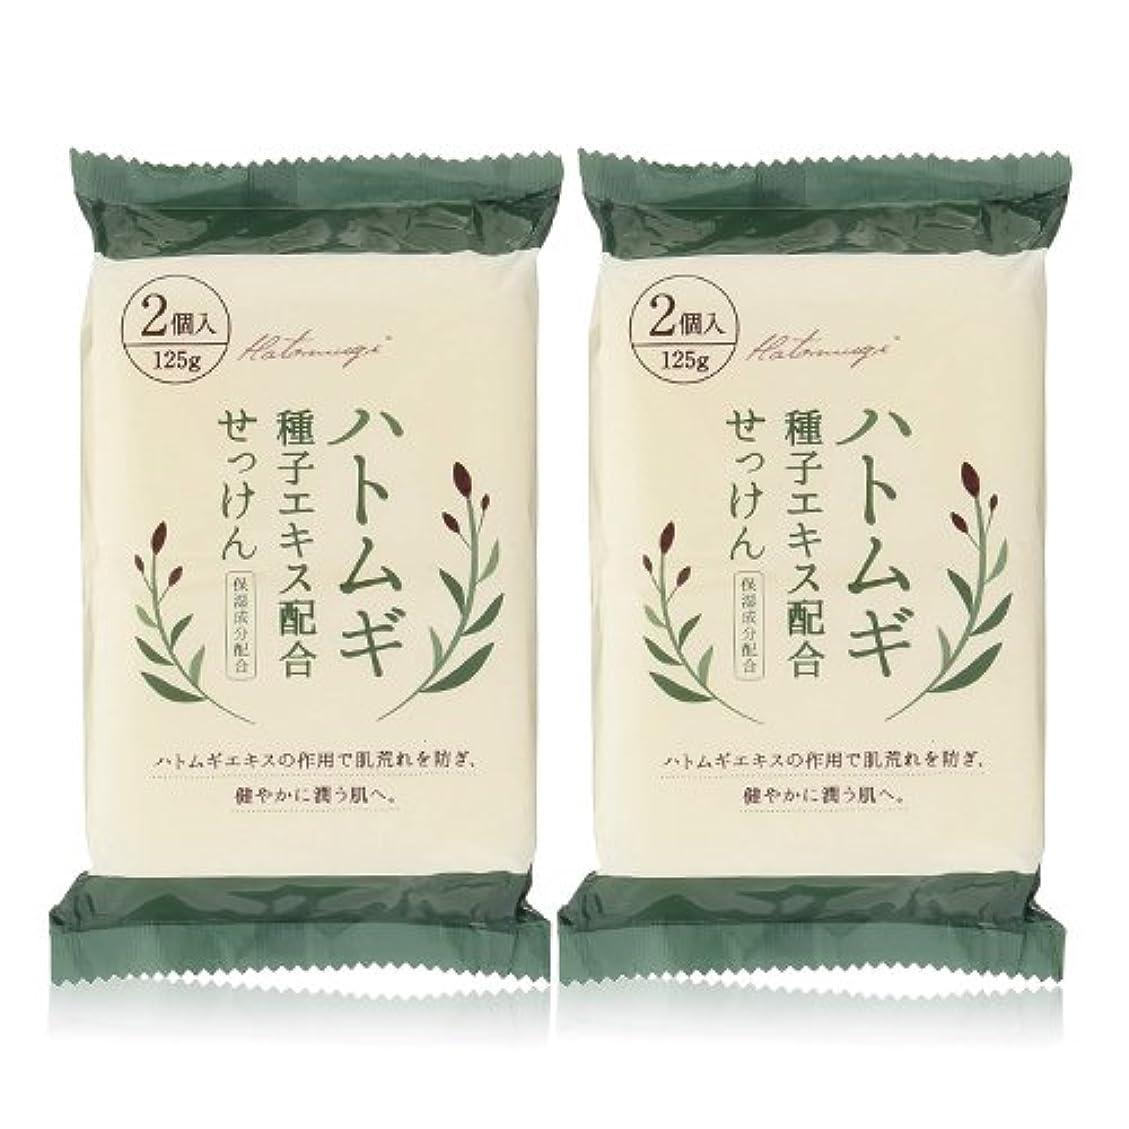 間接的リズム要件ハトムギ種子エキス配合石けん 125g(2コ入)×2個セット(計4個)